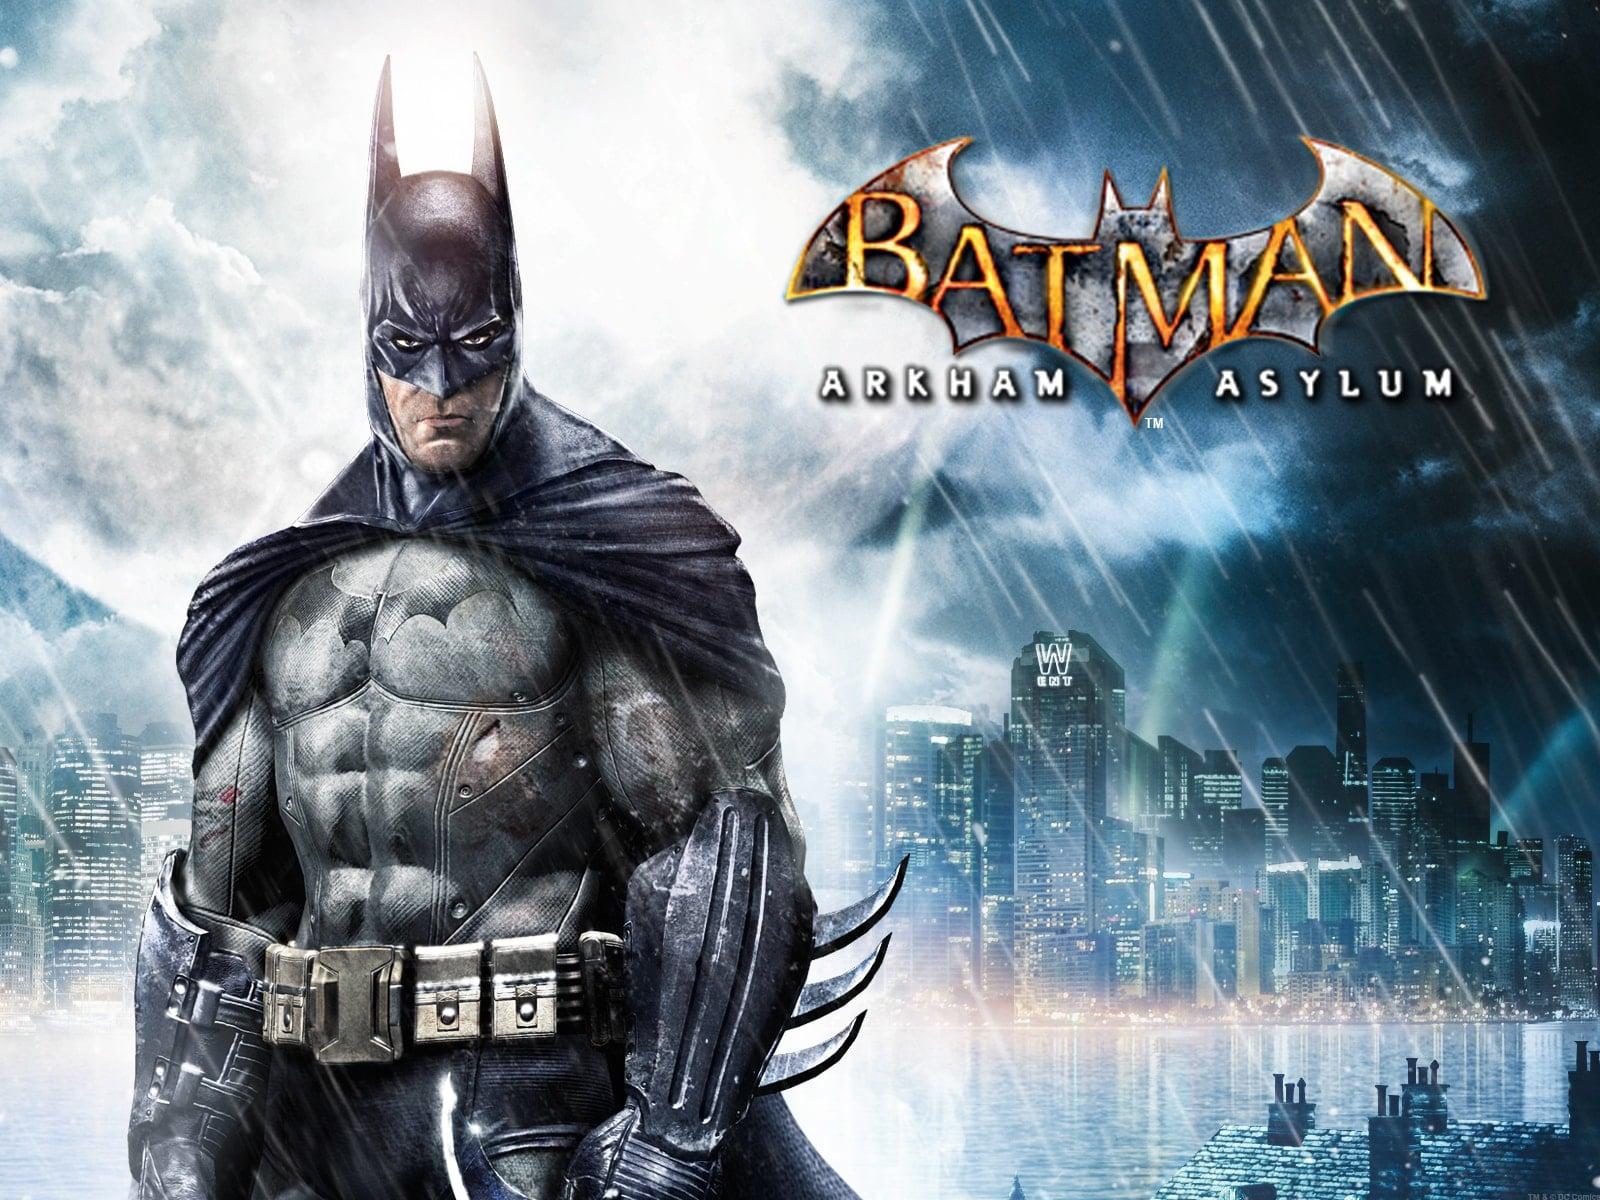 Batman Arkham Asylum PC Game